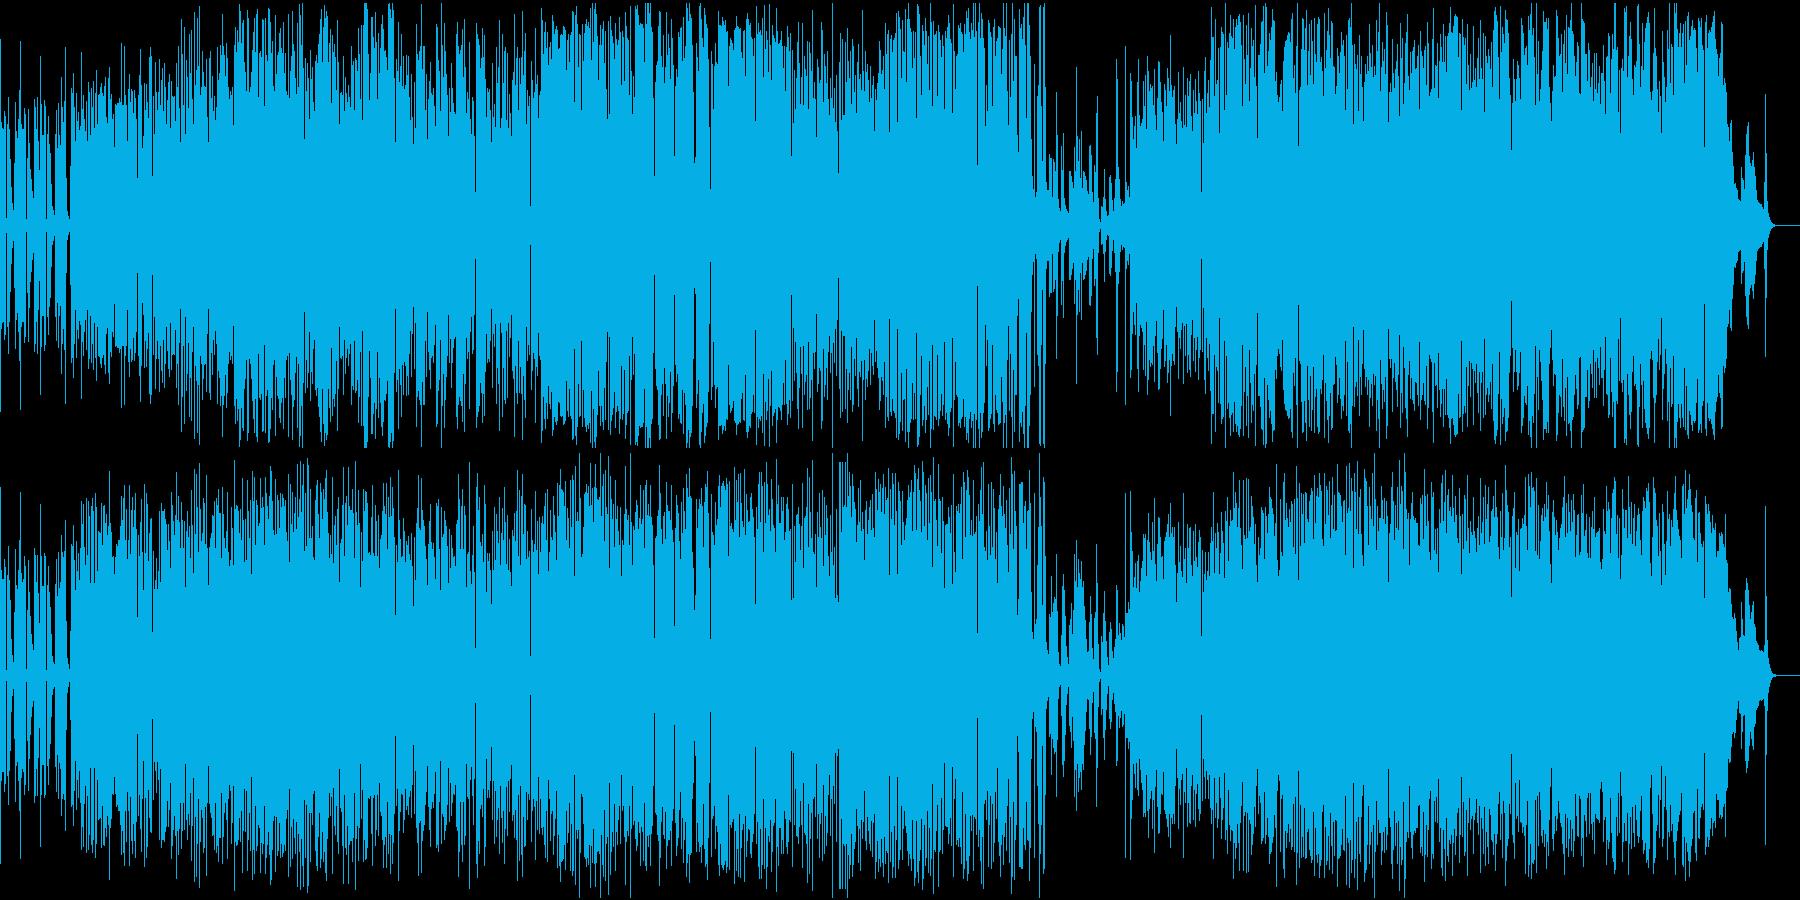 ダブルで一気にの再生済みの波形